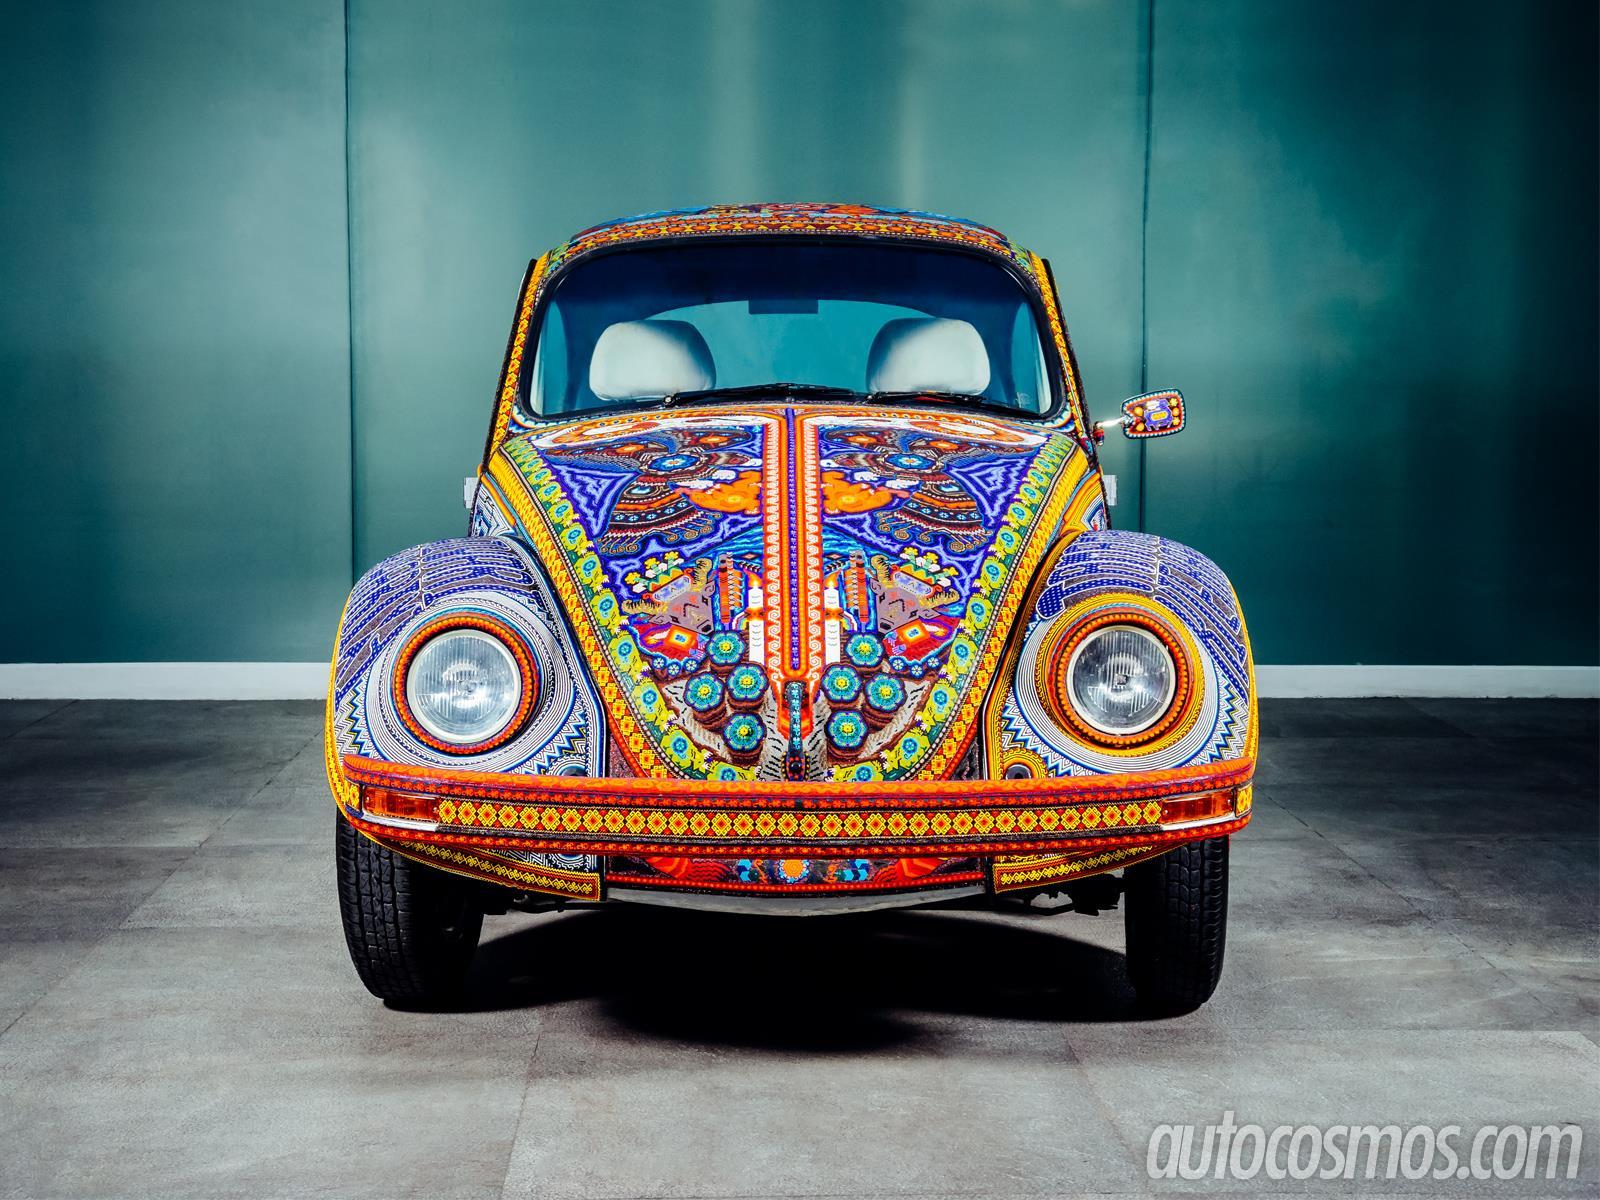 La verdadera historia del Volkswagen Vocho - Autocosmos.com